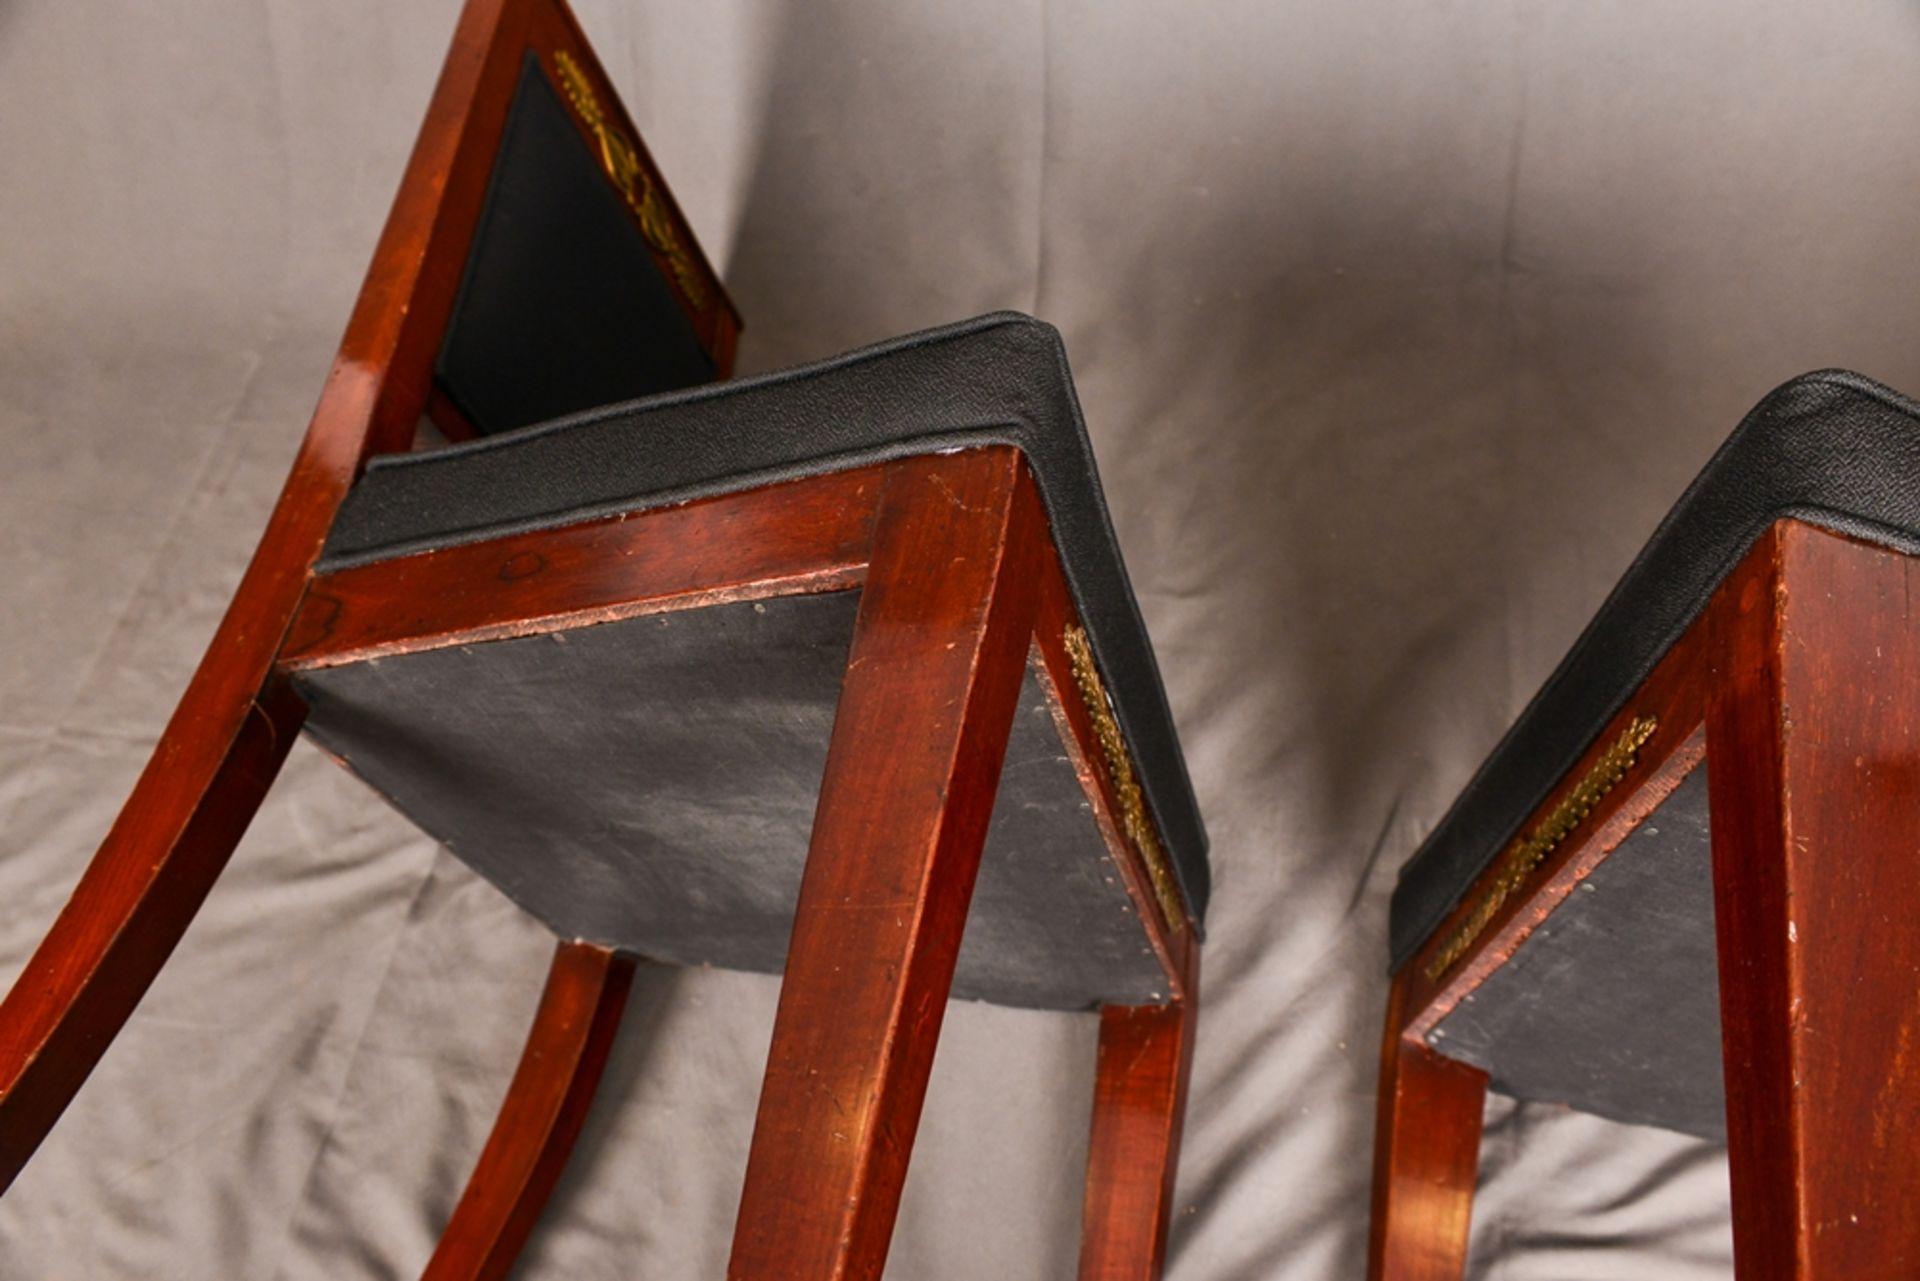 Paar Polsterstühle, Stil Empire. 19. oder 20. Jhd. Wohnfertiger, vor wenigen Jahren restaurierter - Bild 8 aus 11